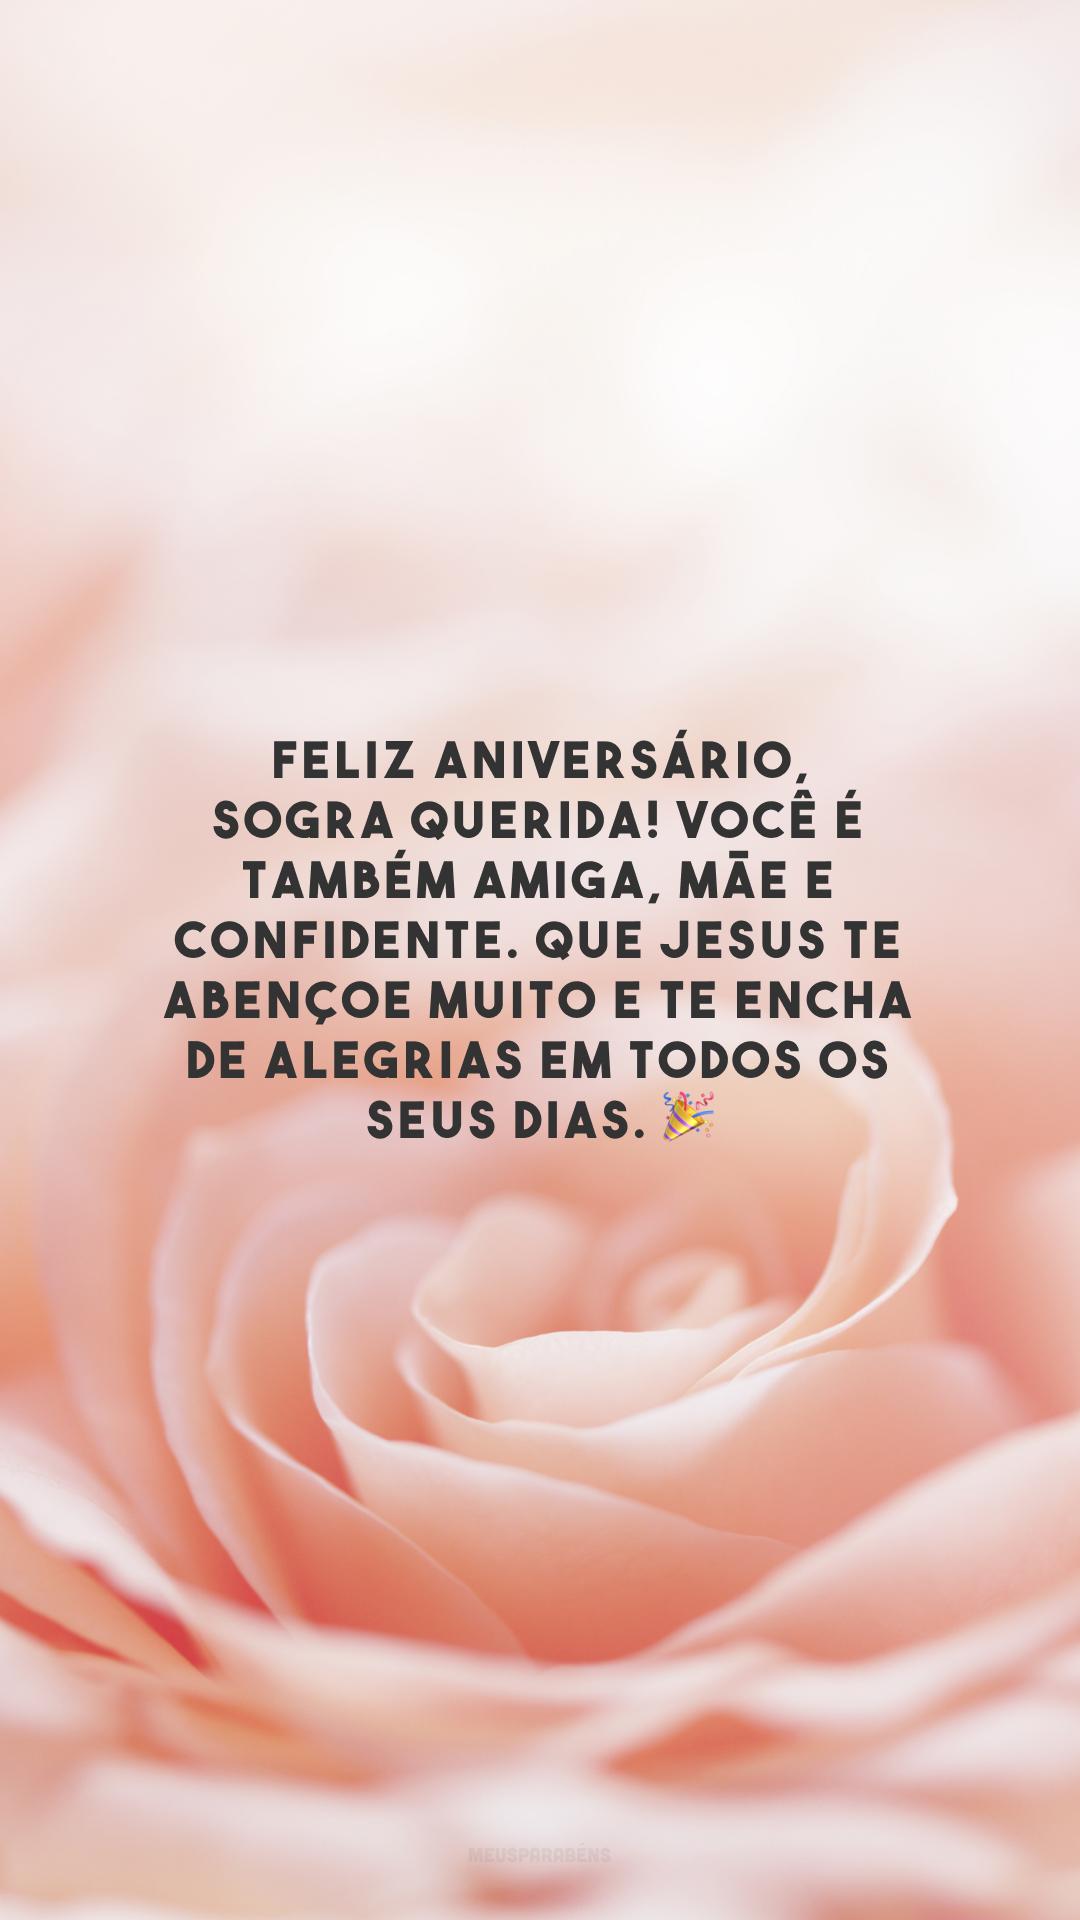 Feliz aniversário, sogra querida! Você é também amiga, mãe e confidente. Que Jesus te abençoe muito e te encha de alegrias em todos os seus dias. 🎉